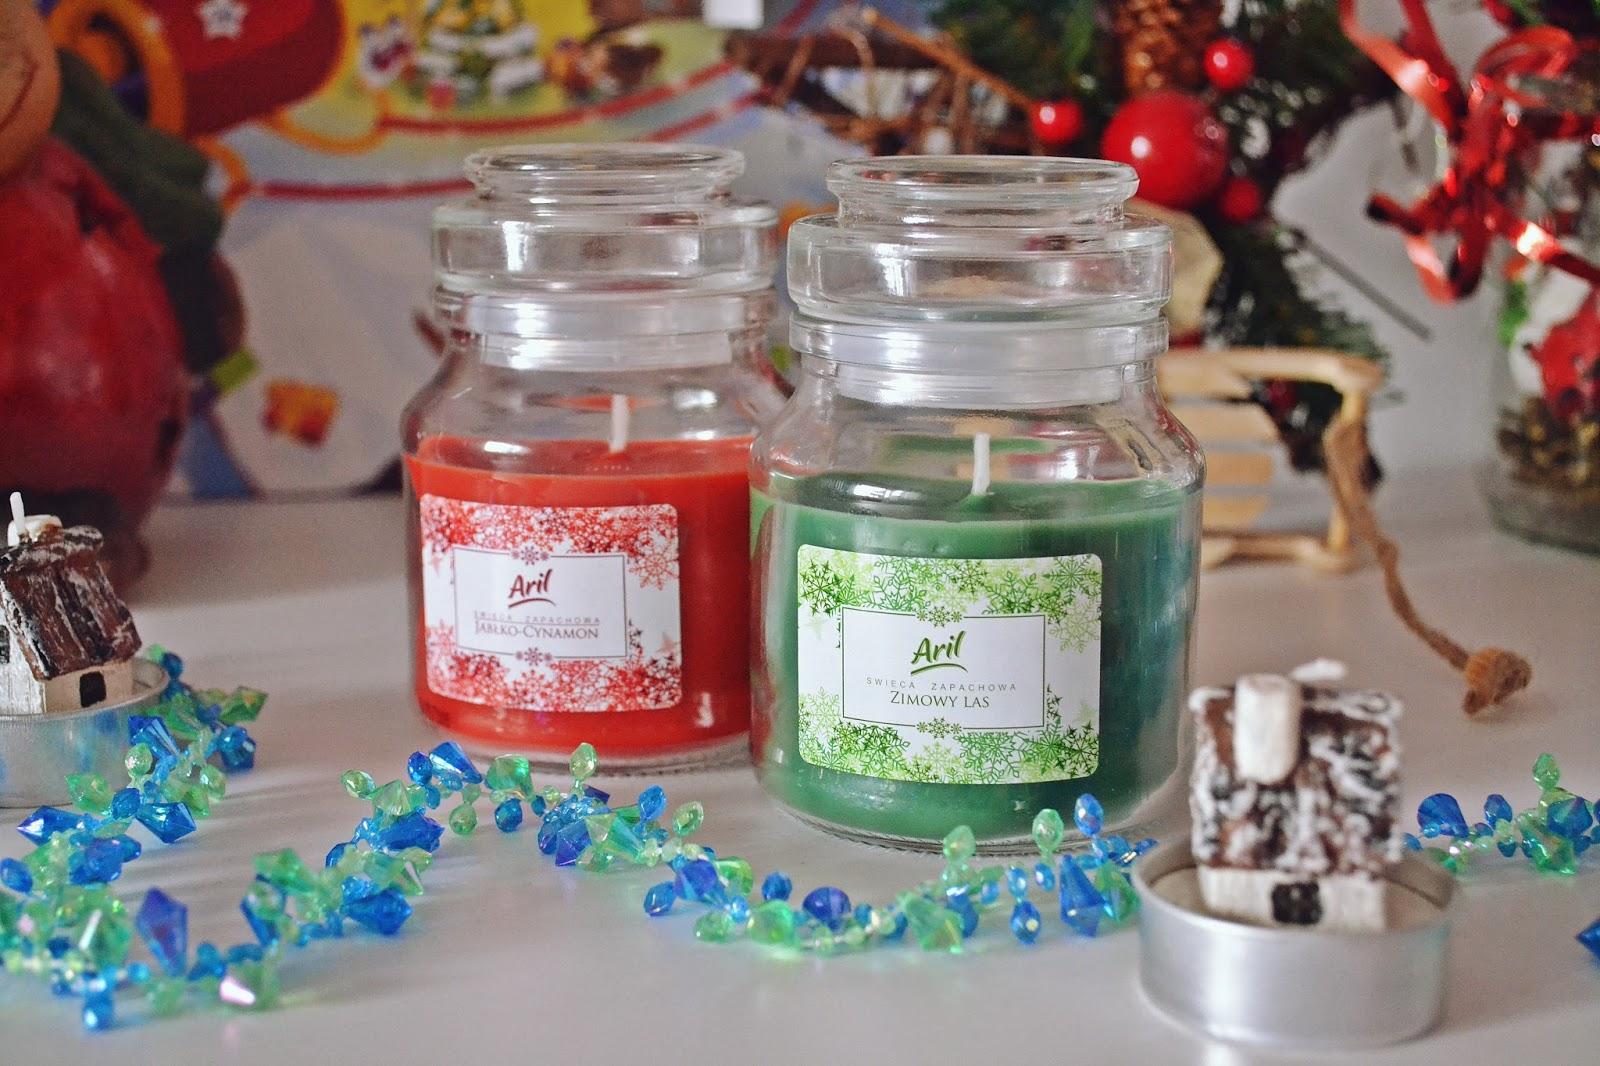 Jesienno-zimowe zapachy aril